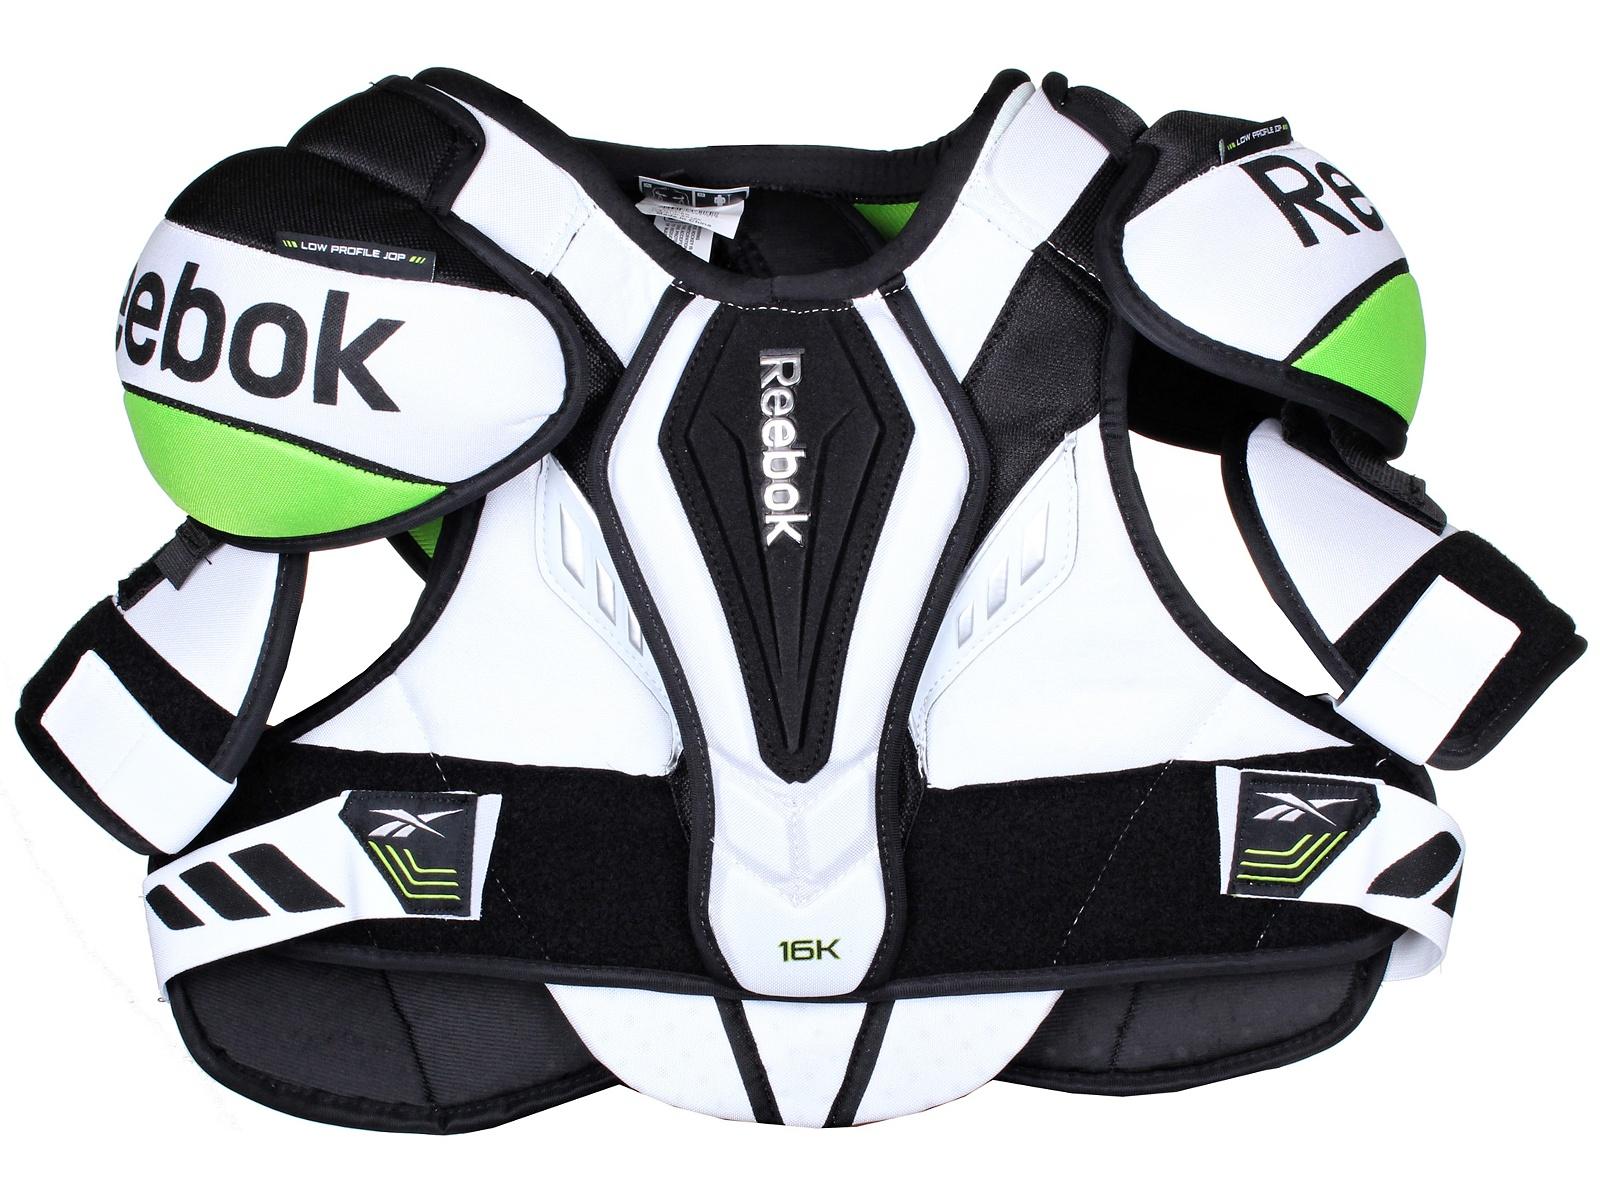 Hokejový chránič ramen REEBOK 16K SR - vel. XL